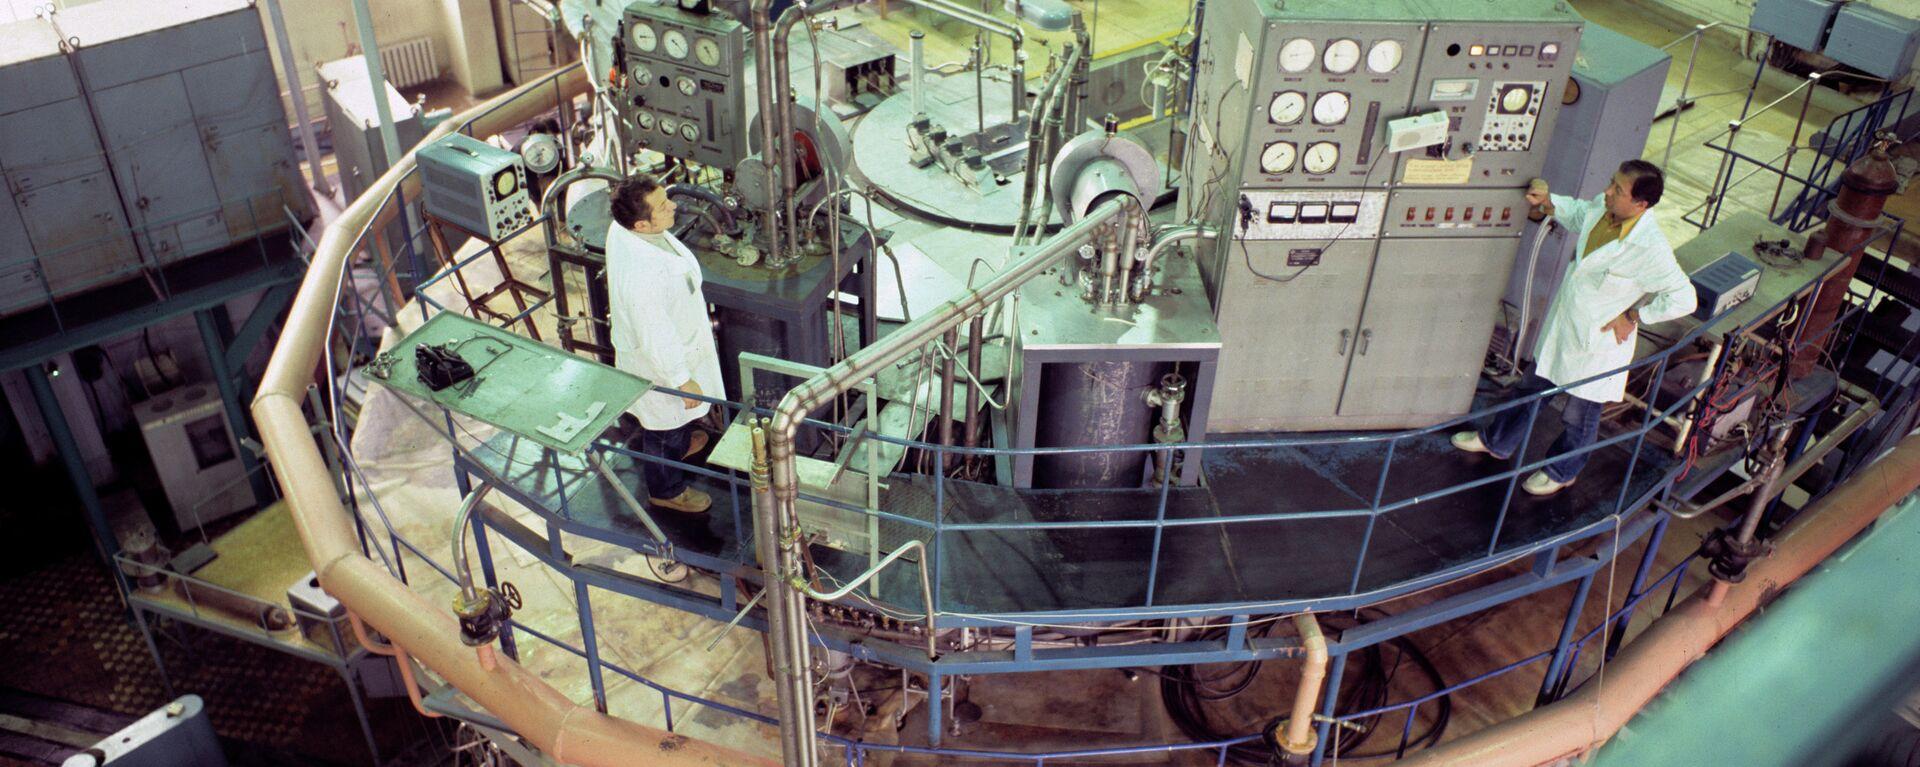 Ядерный реактор. Архивное фото - Sputnik Тоҷикистон, 1920, 19.04.2021